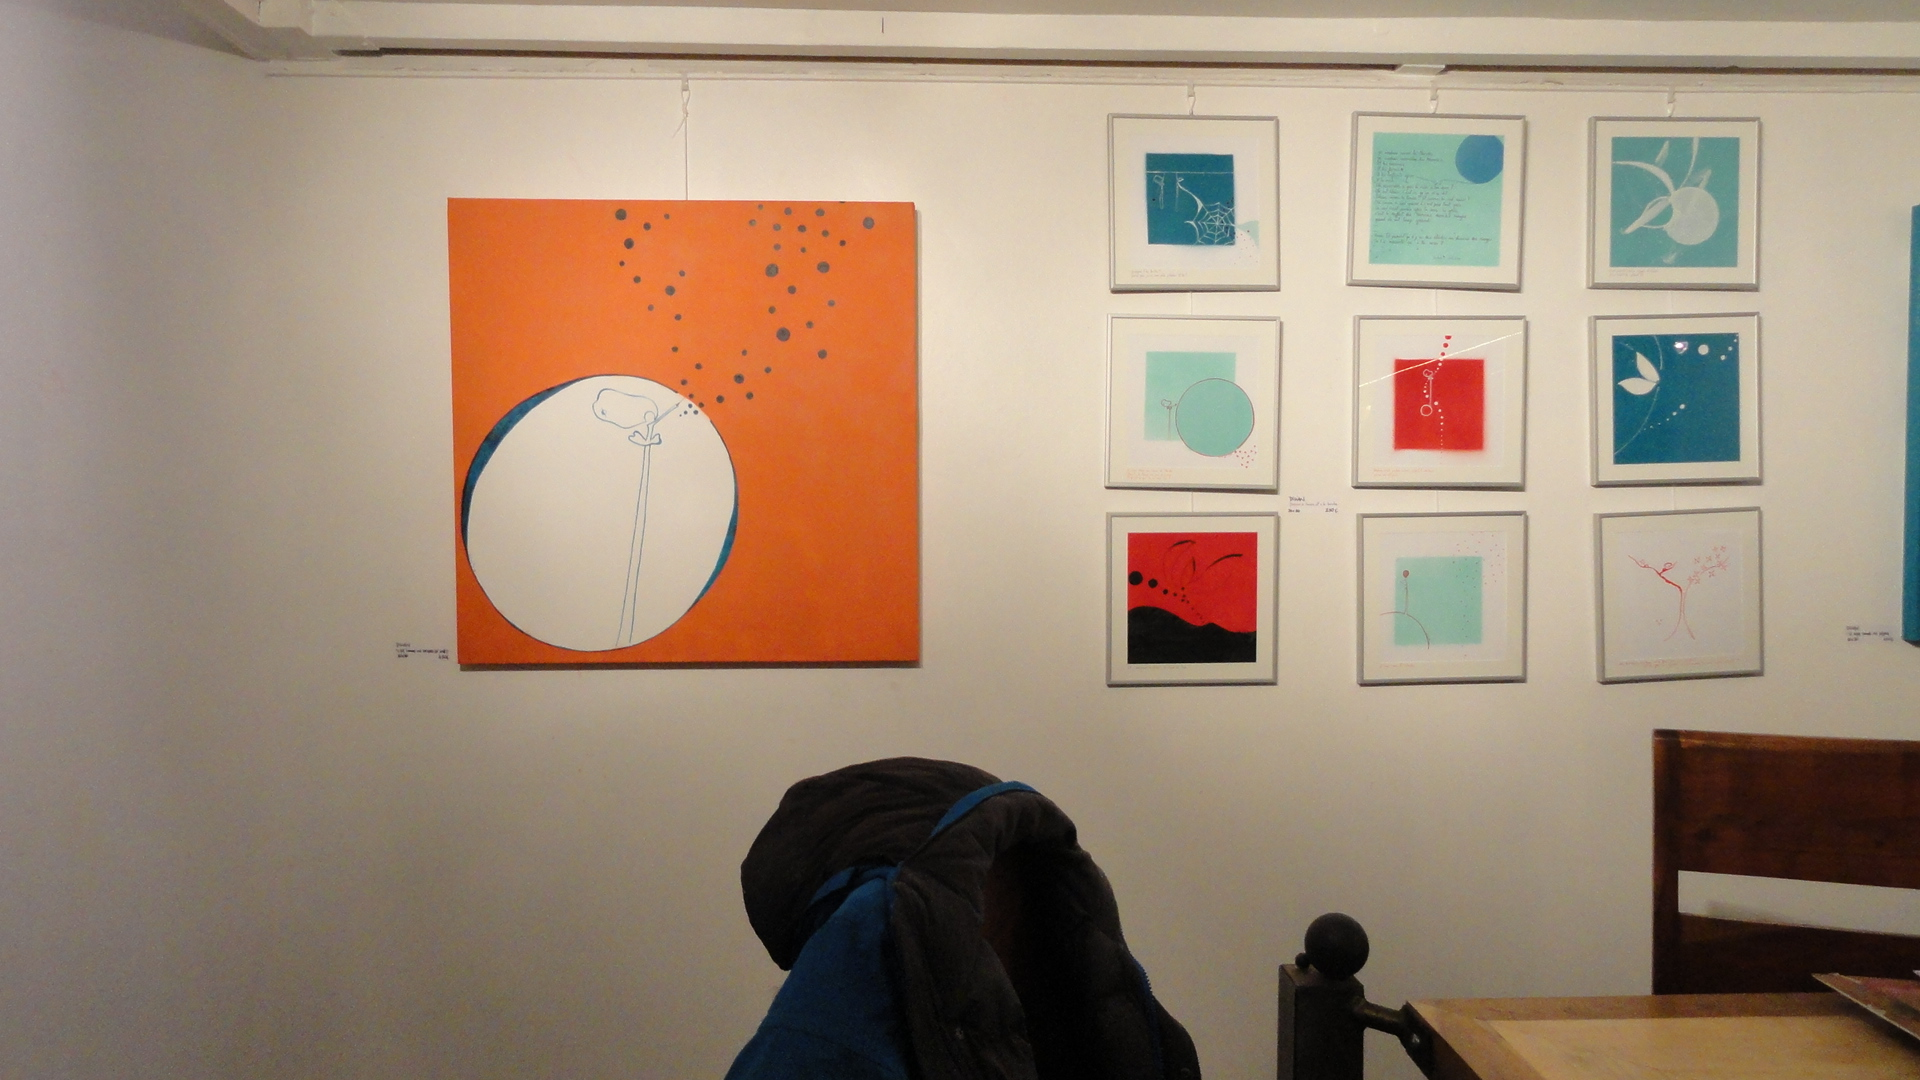 L'Aiguillage Galerie - Les Frigos - Paris 13e - Exposition In & Out - Dilian